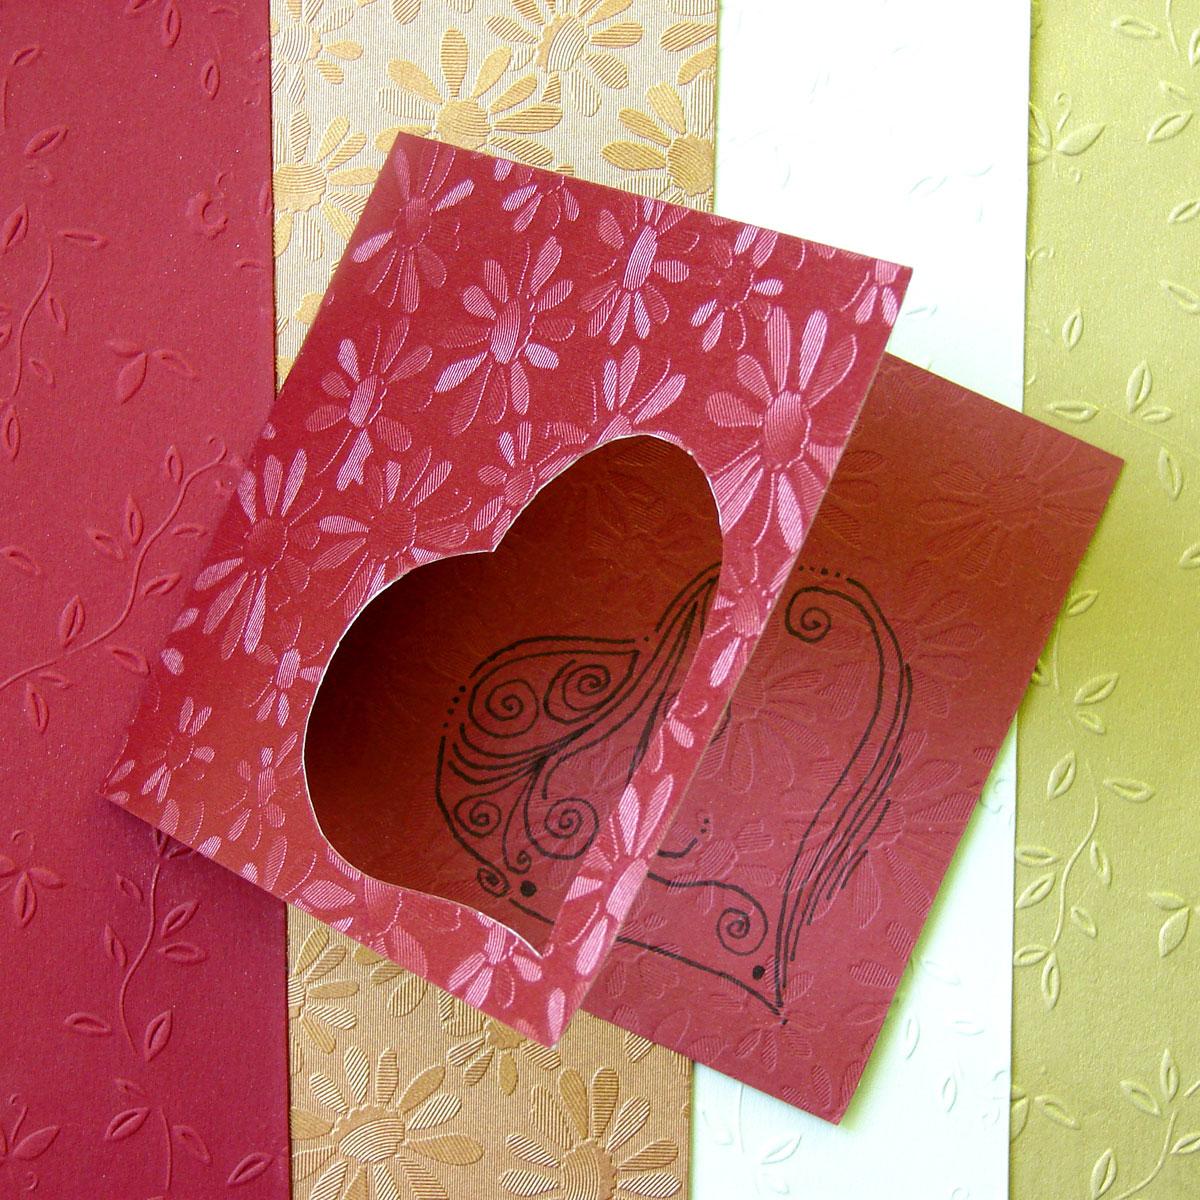 10 σούπερ ρομαντικά   ανέξοδα δώρα για ερωτευμένους  84aa5482a03